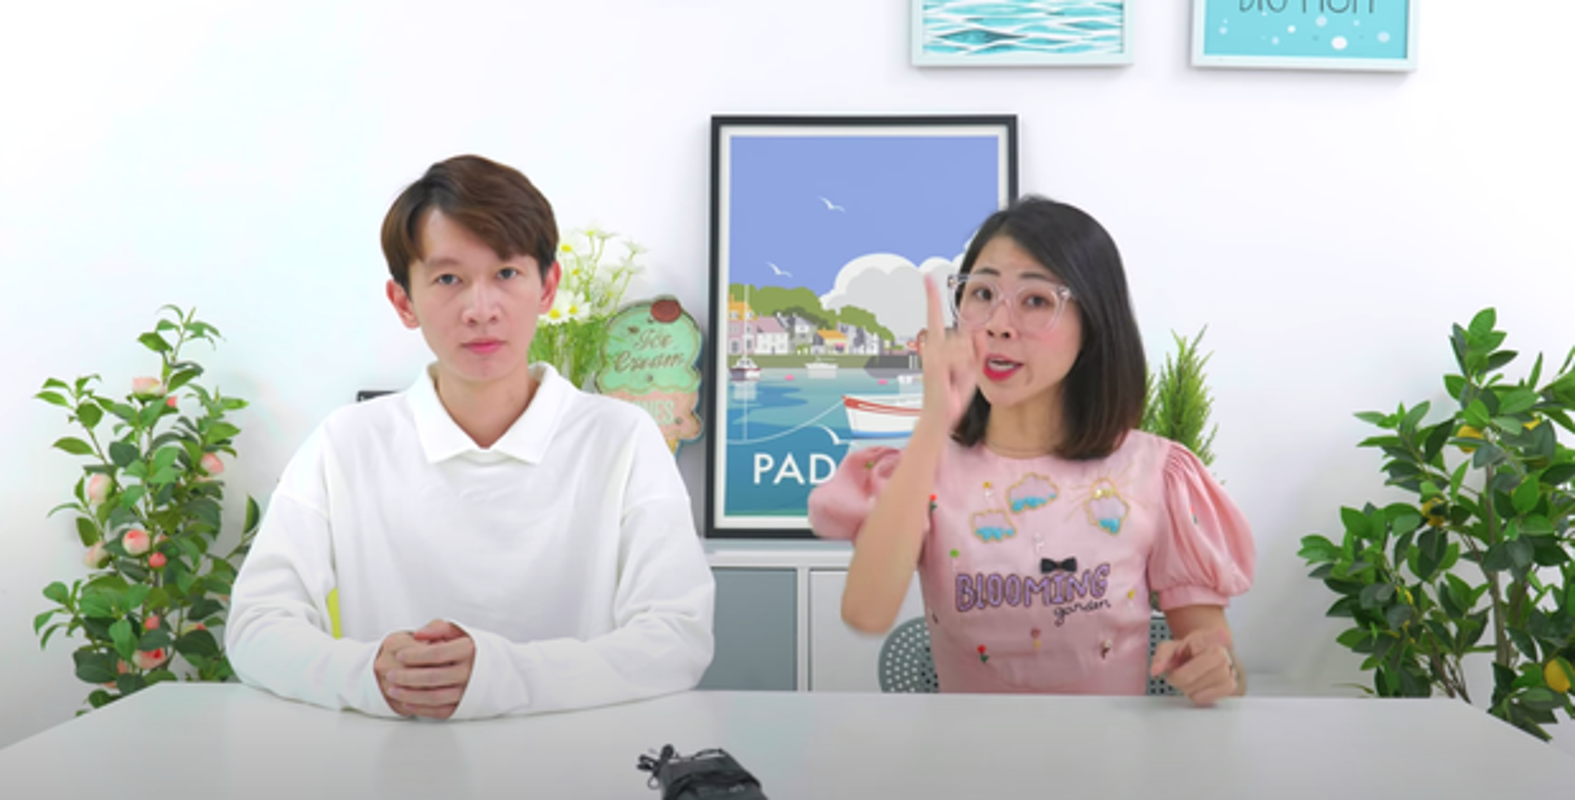 Lai lam clip lien quan den bup be, Tho Nguyen nhan chi trich-Hinh-3